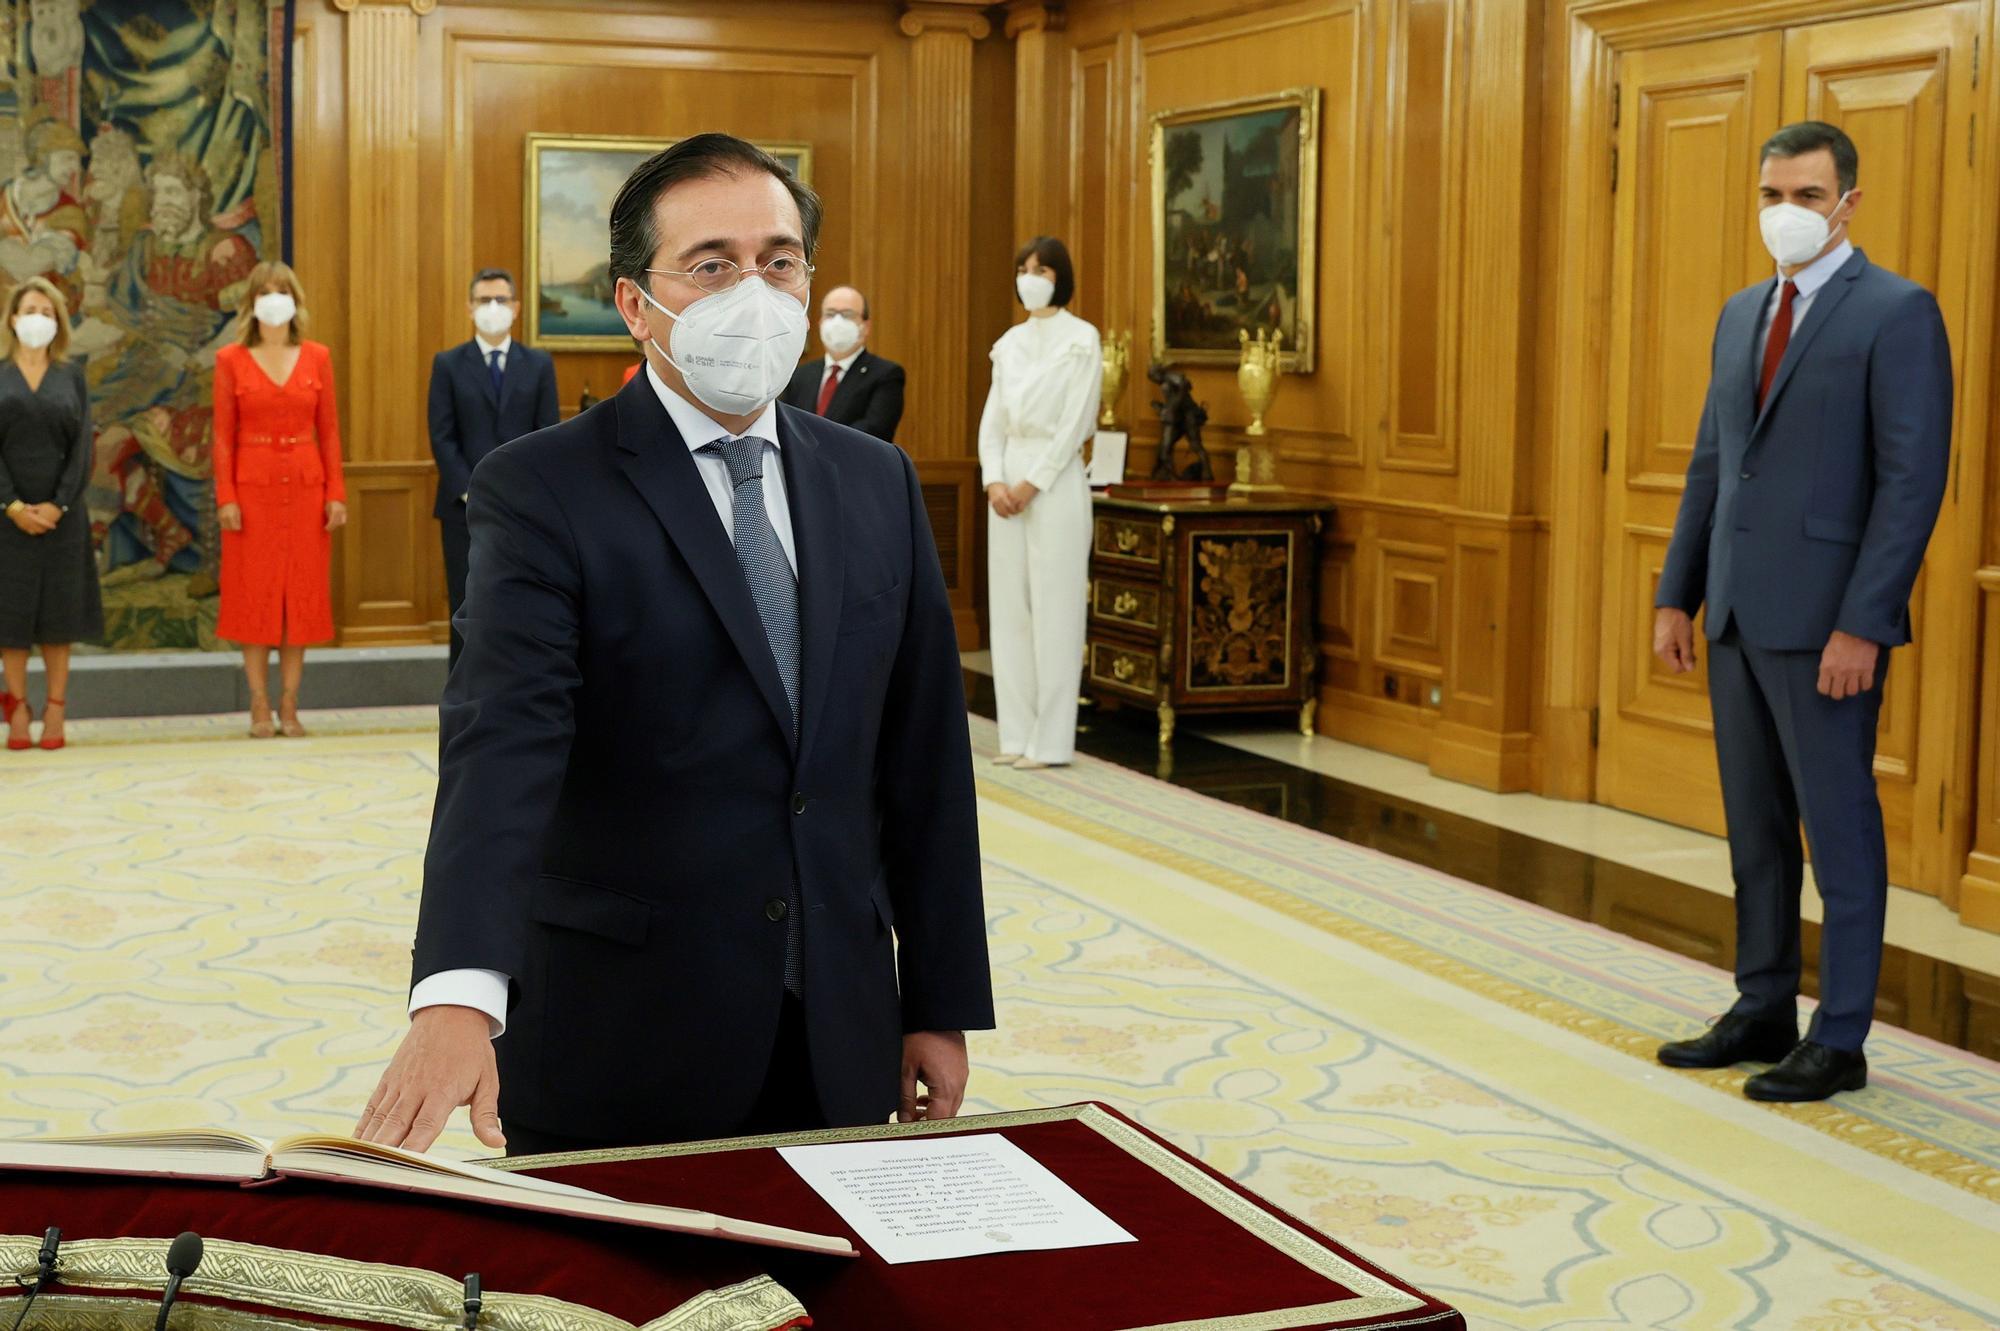 Los nuevos ministros de Pedro Sánchez prometen sus cargos